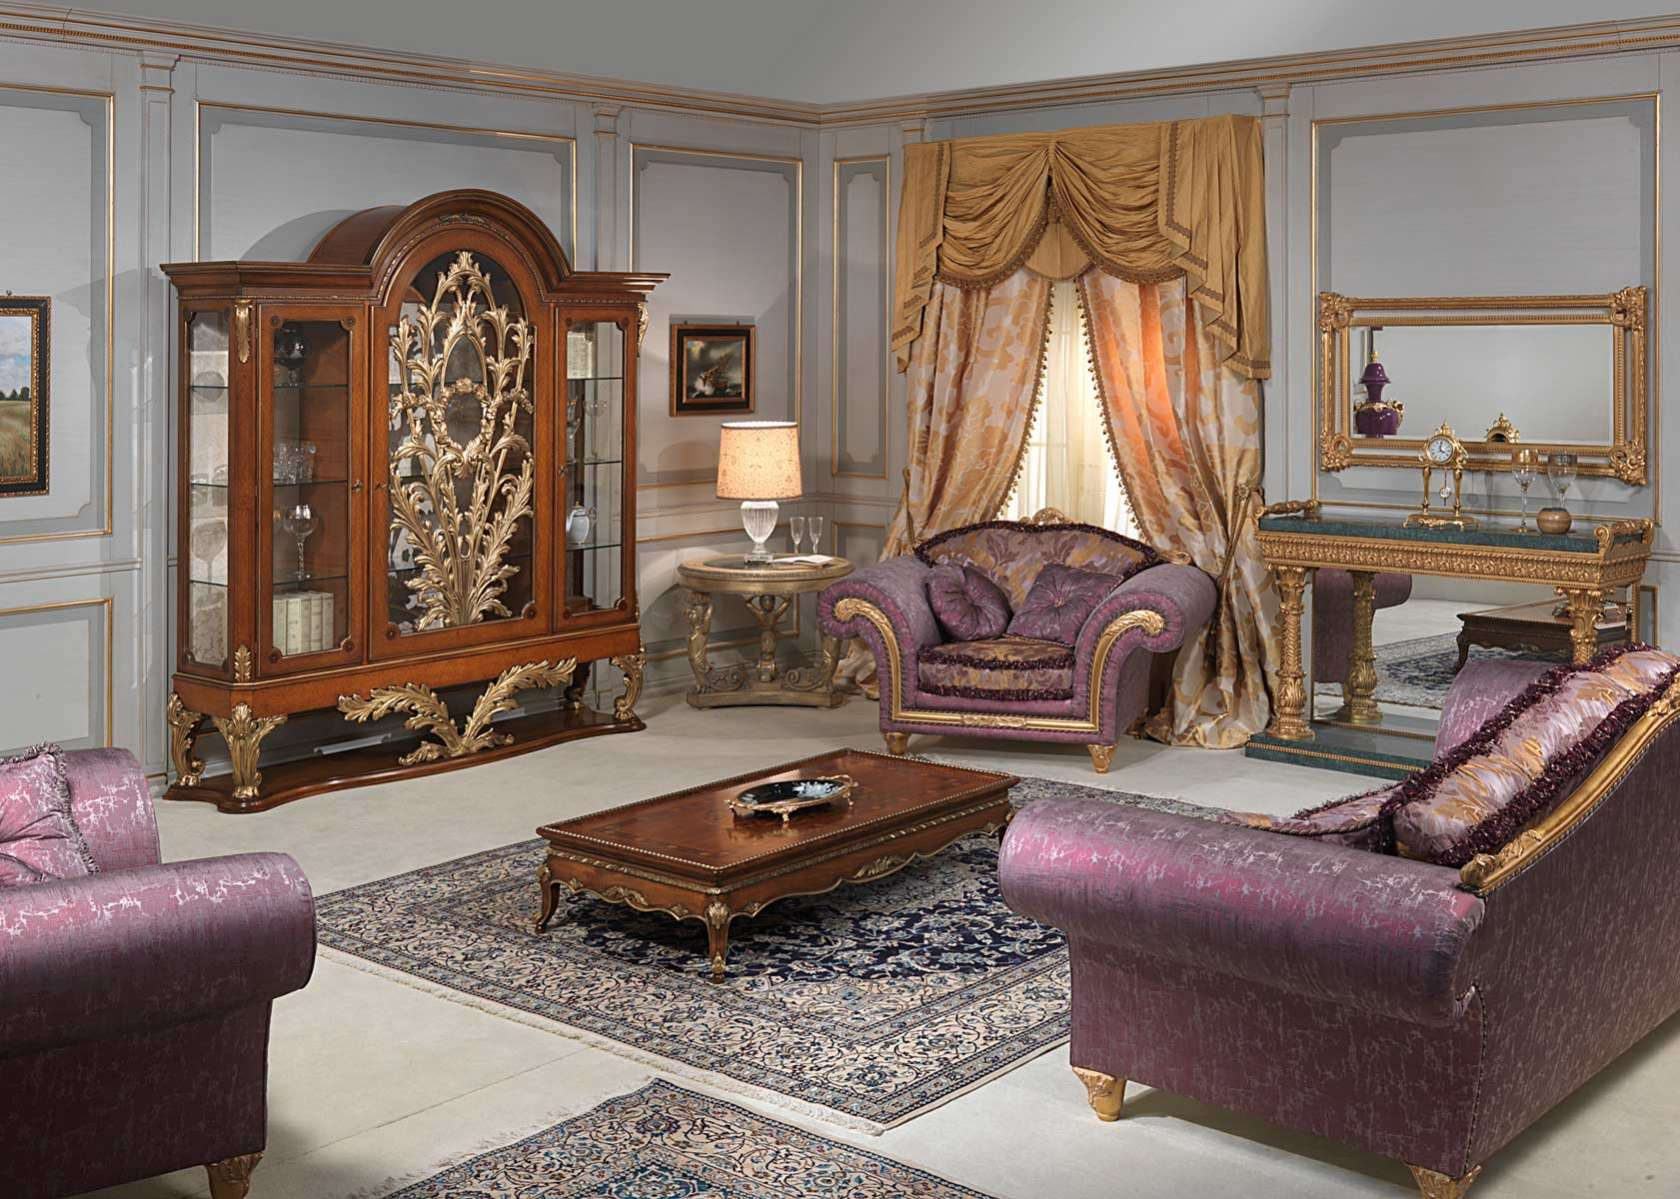 مبل استیل سلطنتی کلاسیک طلایی بنفش کنسول آینه سلطنتی